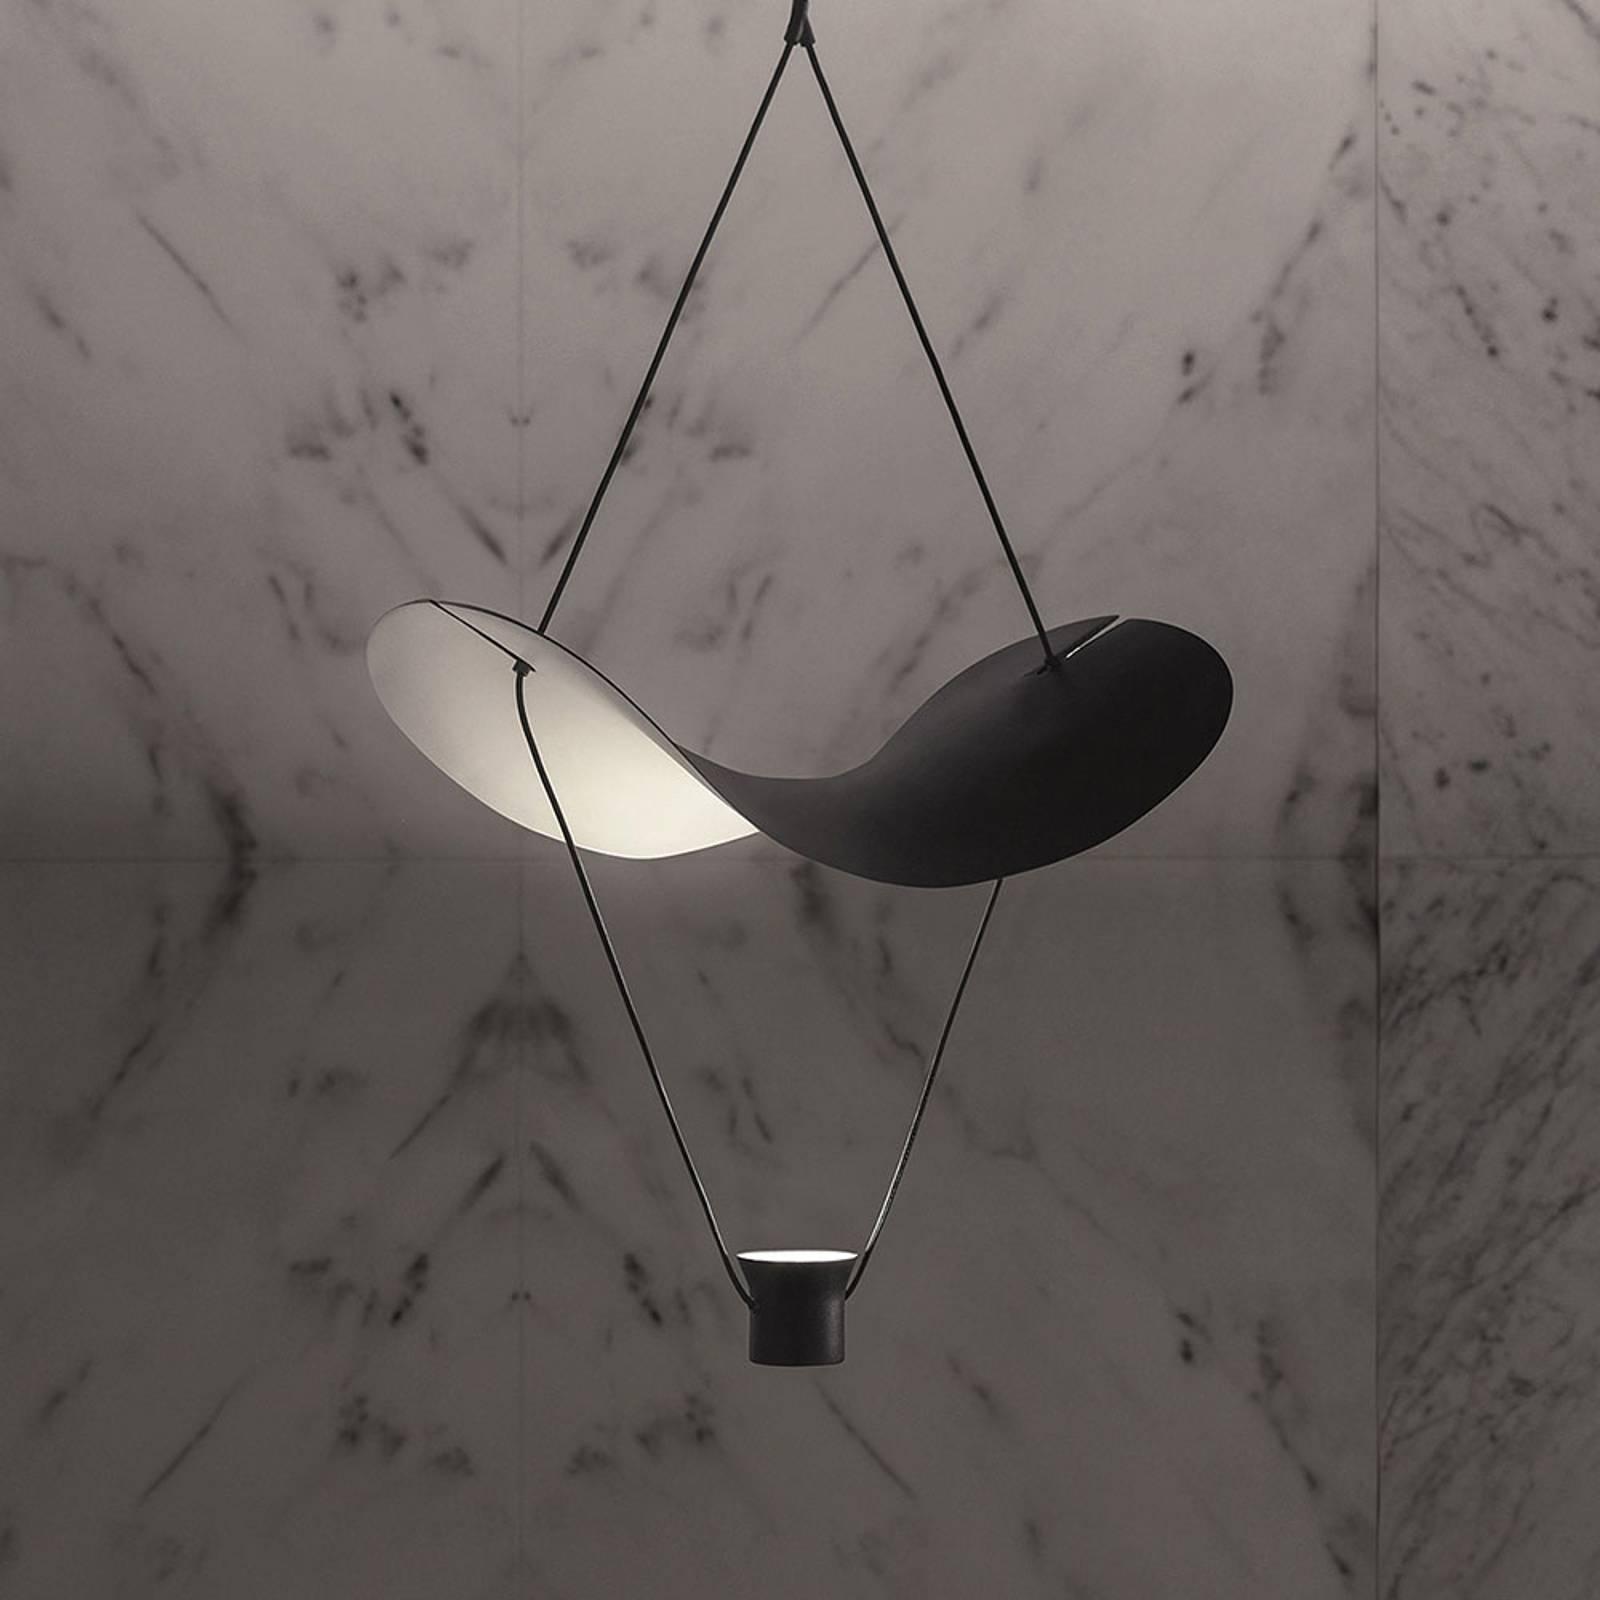 LED hanglamp Vollee S1 G, 88 cm, zwart